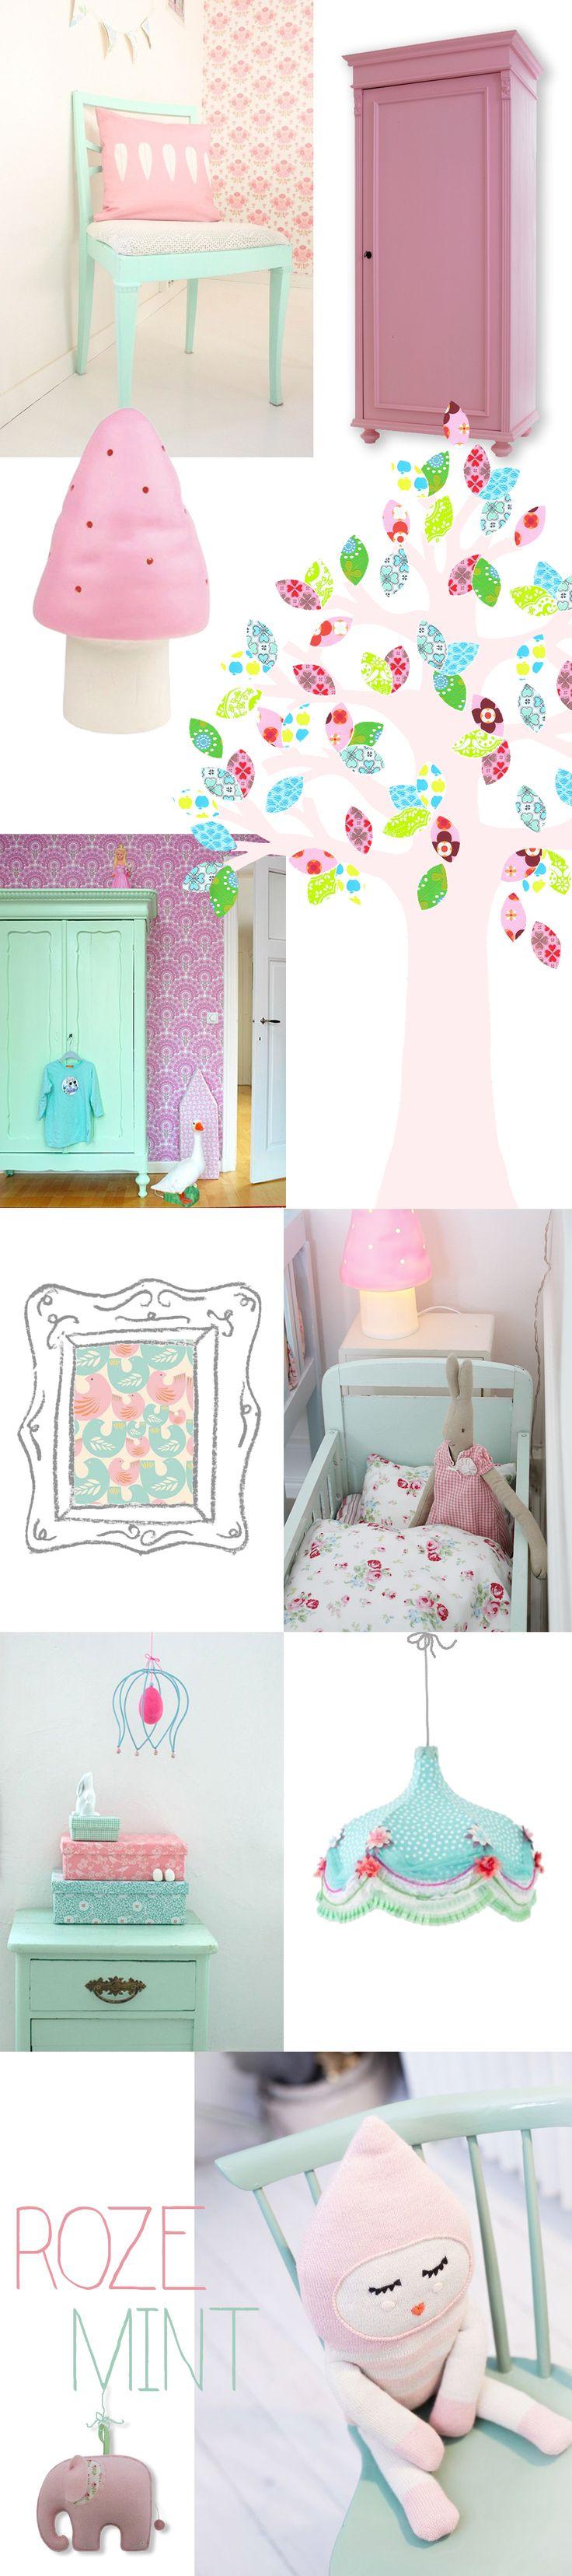 Babykamer in roze en mint